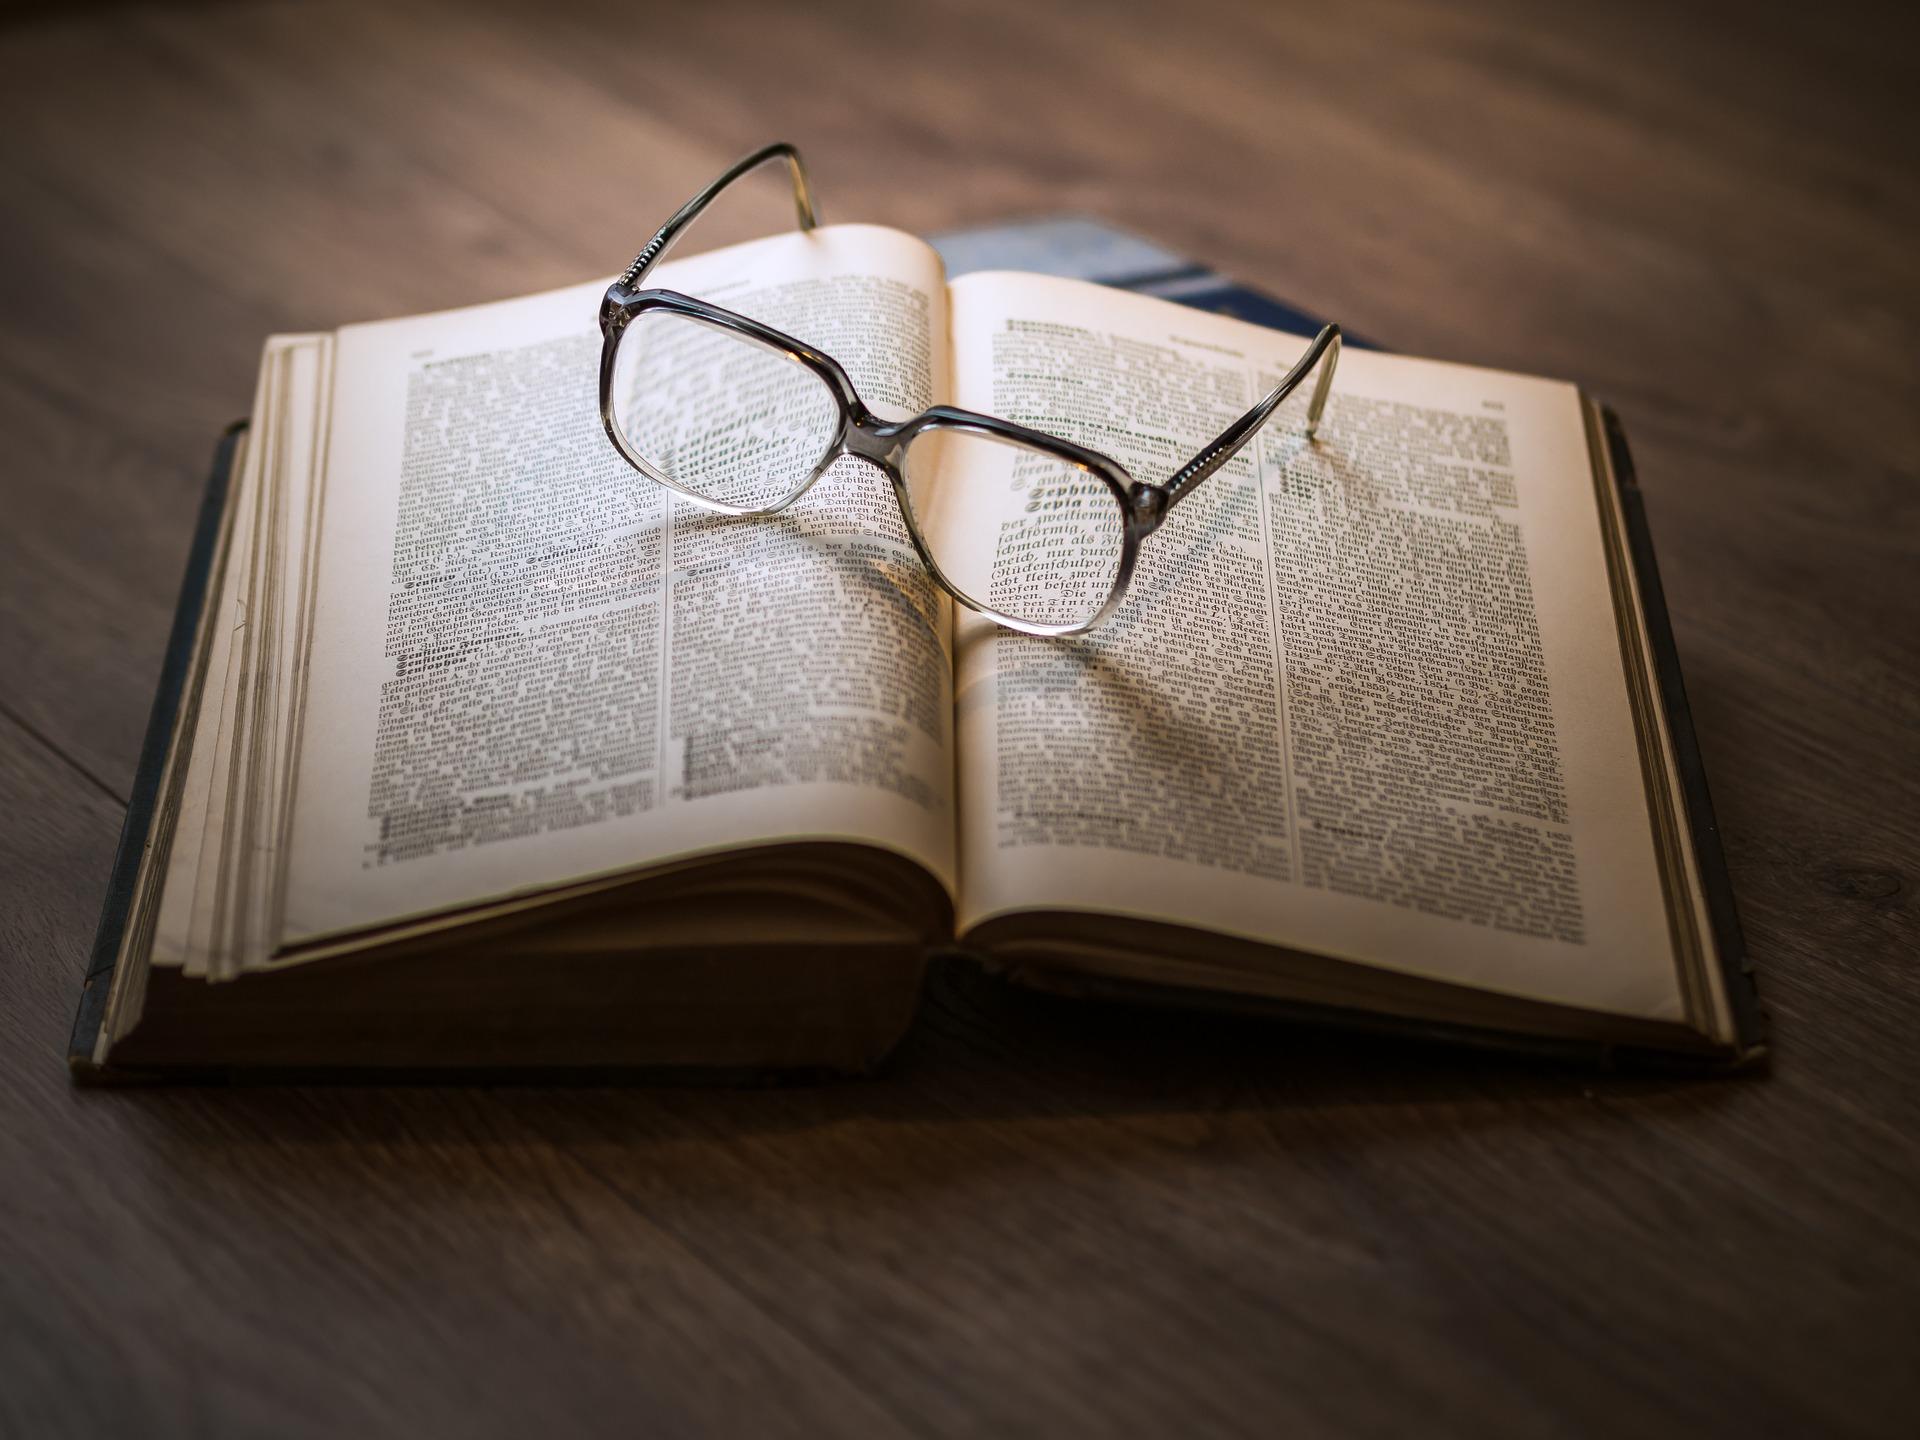 英語多読が続かない3つの問題点とマジックツリーハウスをおすすめする理由